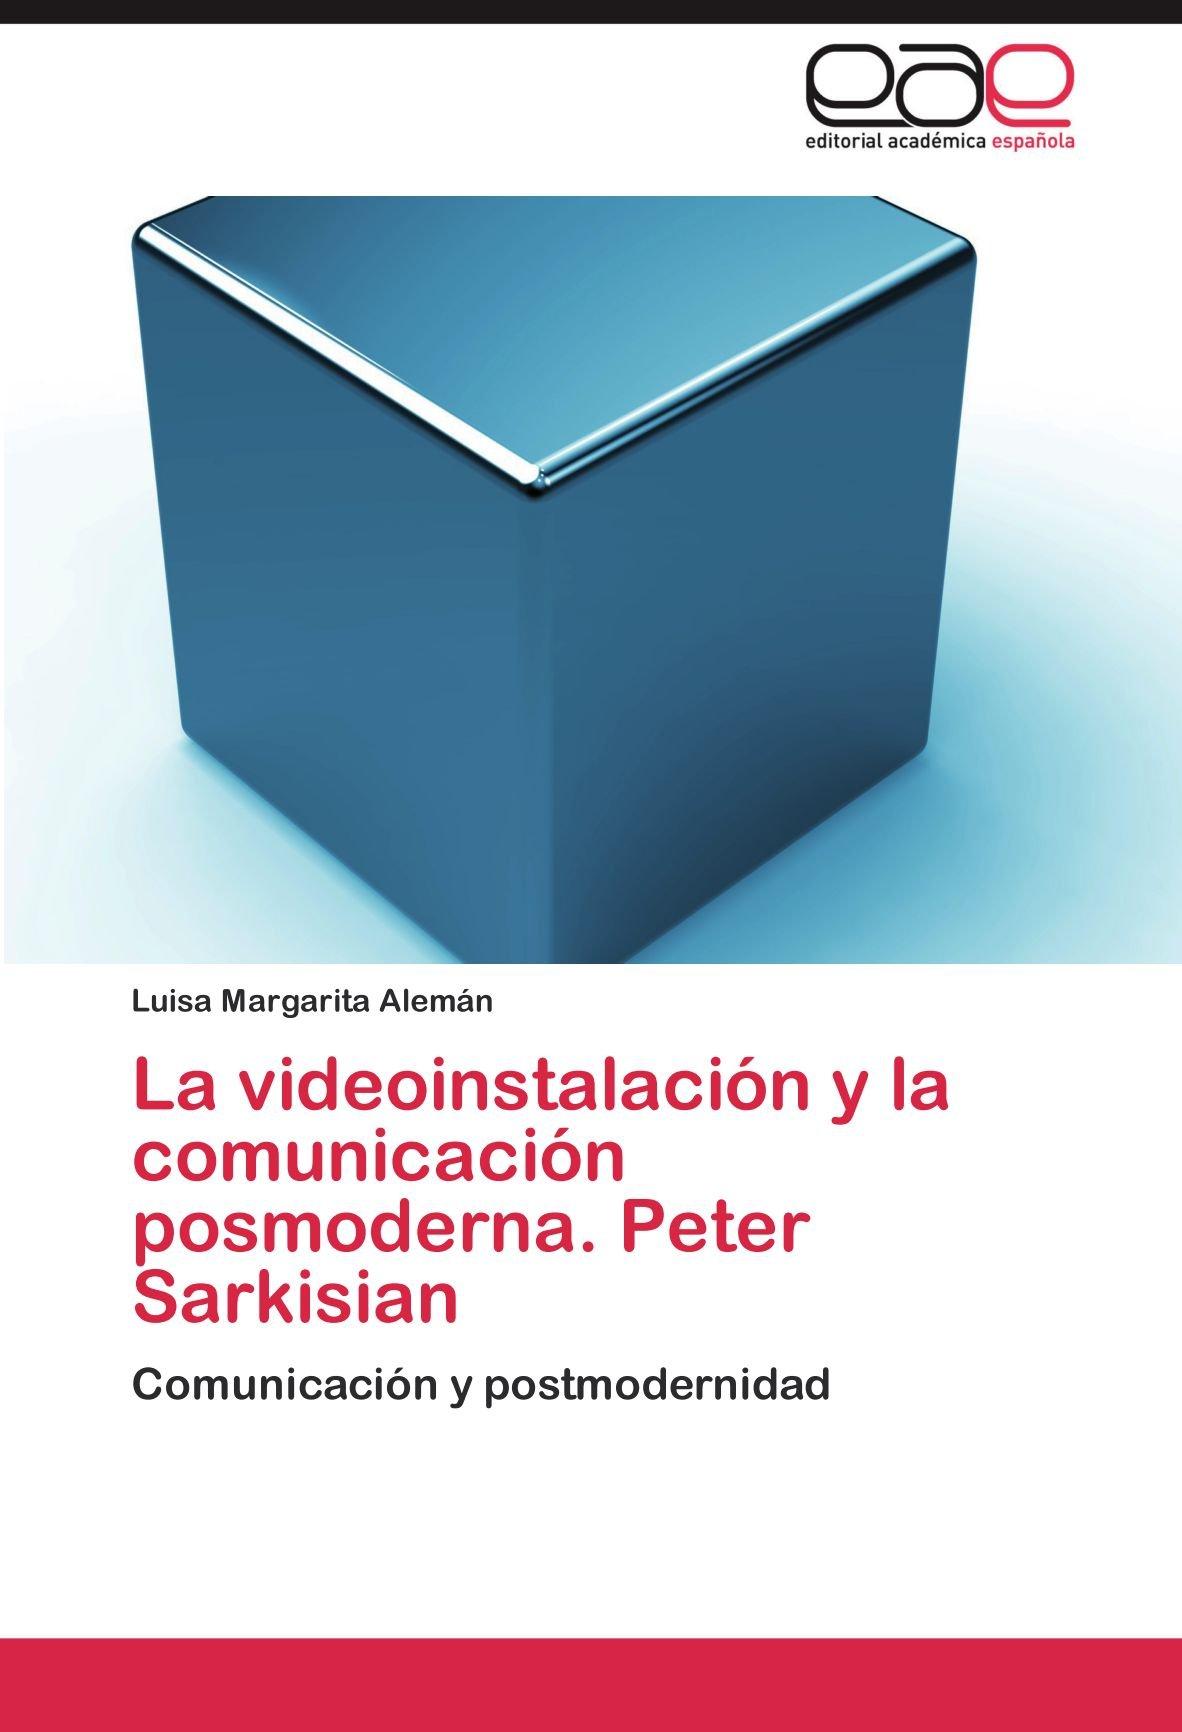 La videoinstalación y la comunicación posmoderna. Peter Sarkisian: Comunicación y postmodernidad (Spanish Edition): Luisa Margarita Alemán: 9783848451630: ...